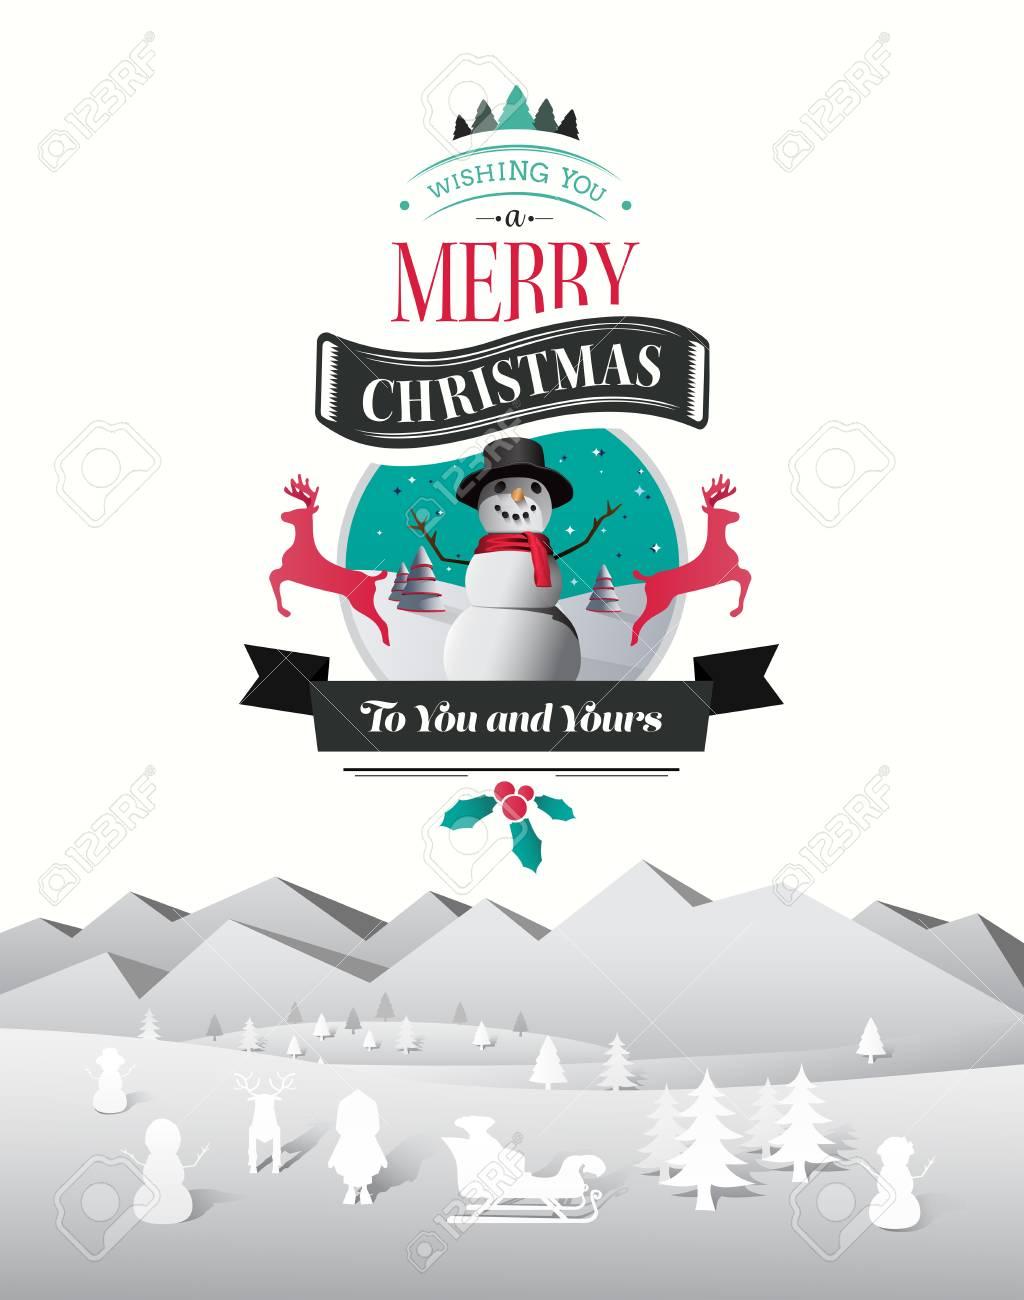 Digital Generiert Weihnachten Begrüßung Mit Illustrationen Vektor ...